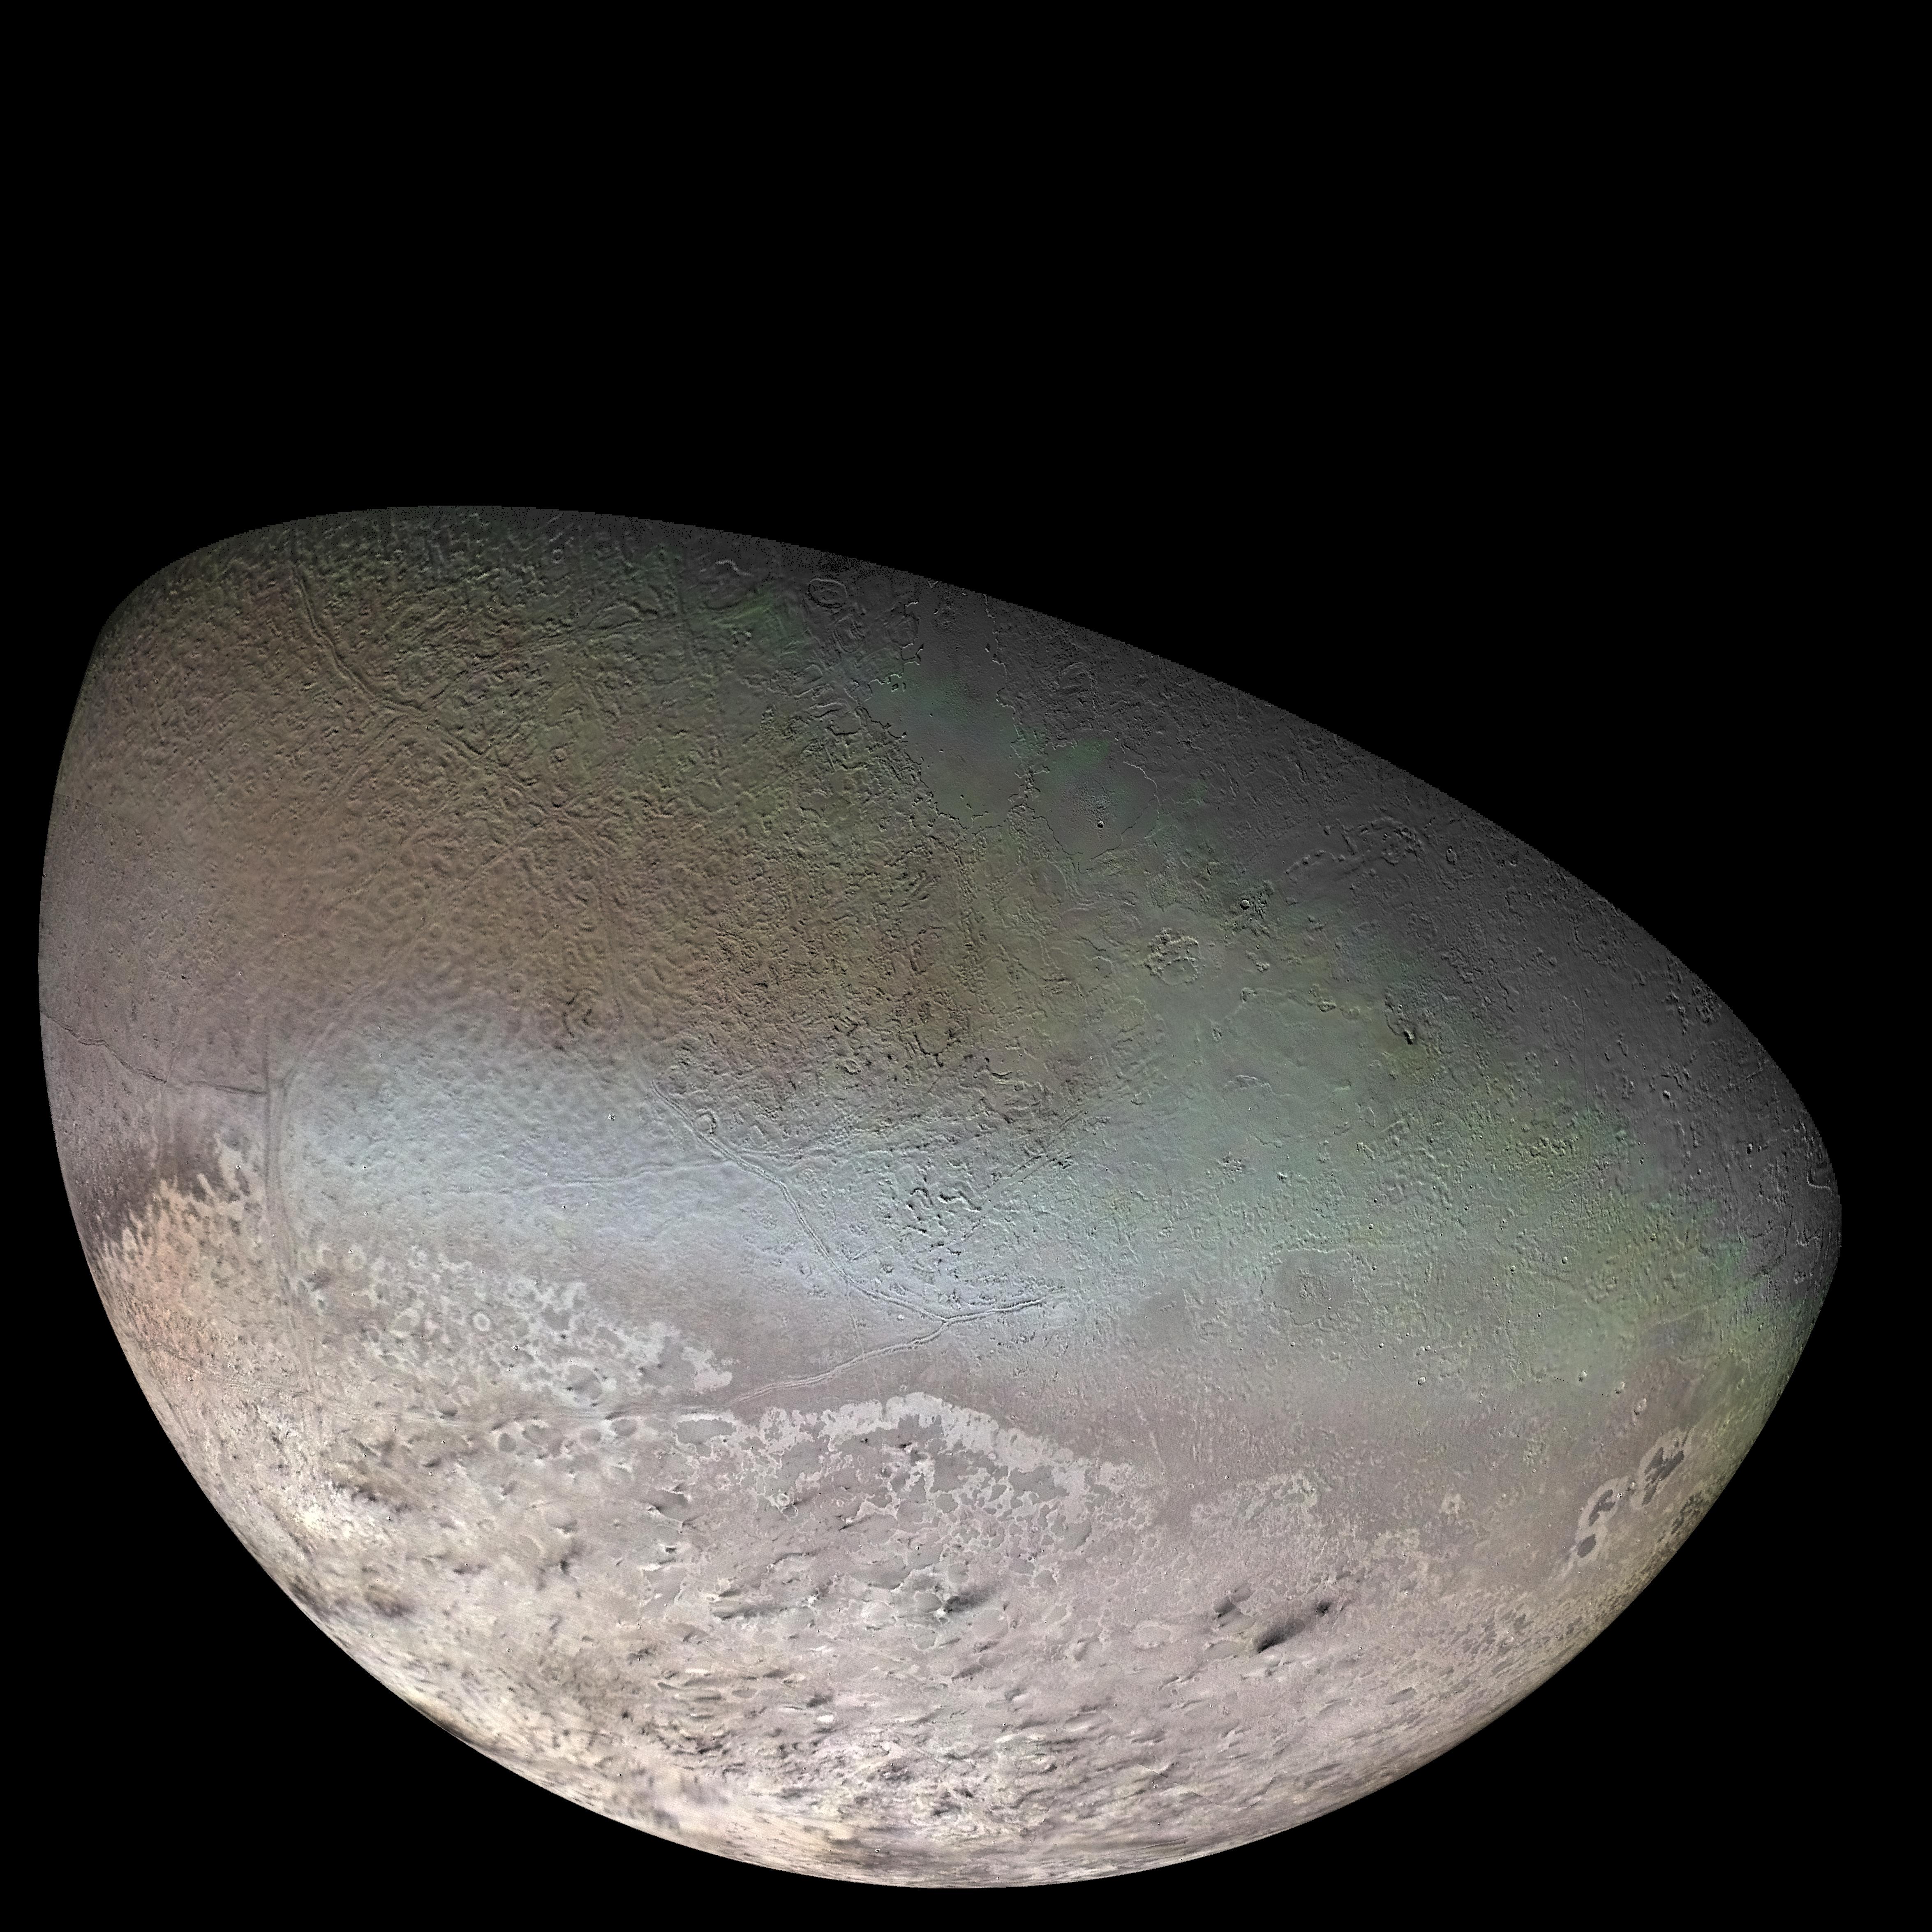 Triton_moon_mosaic_Voyager_2_%28large%29